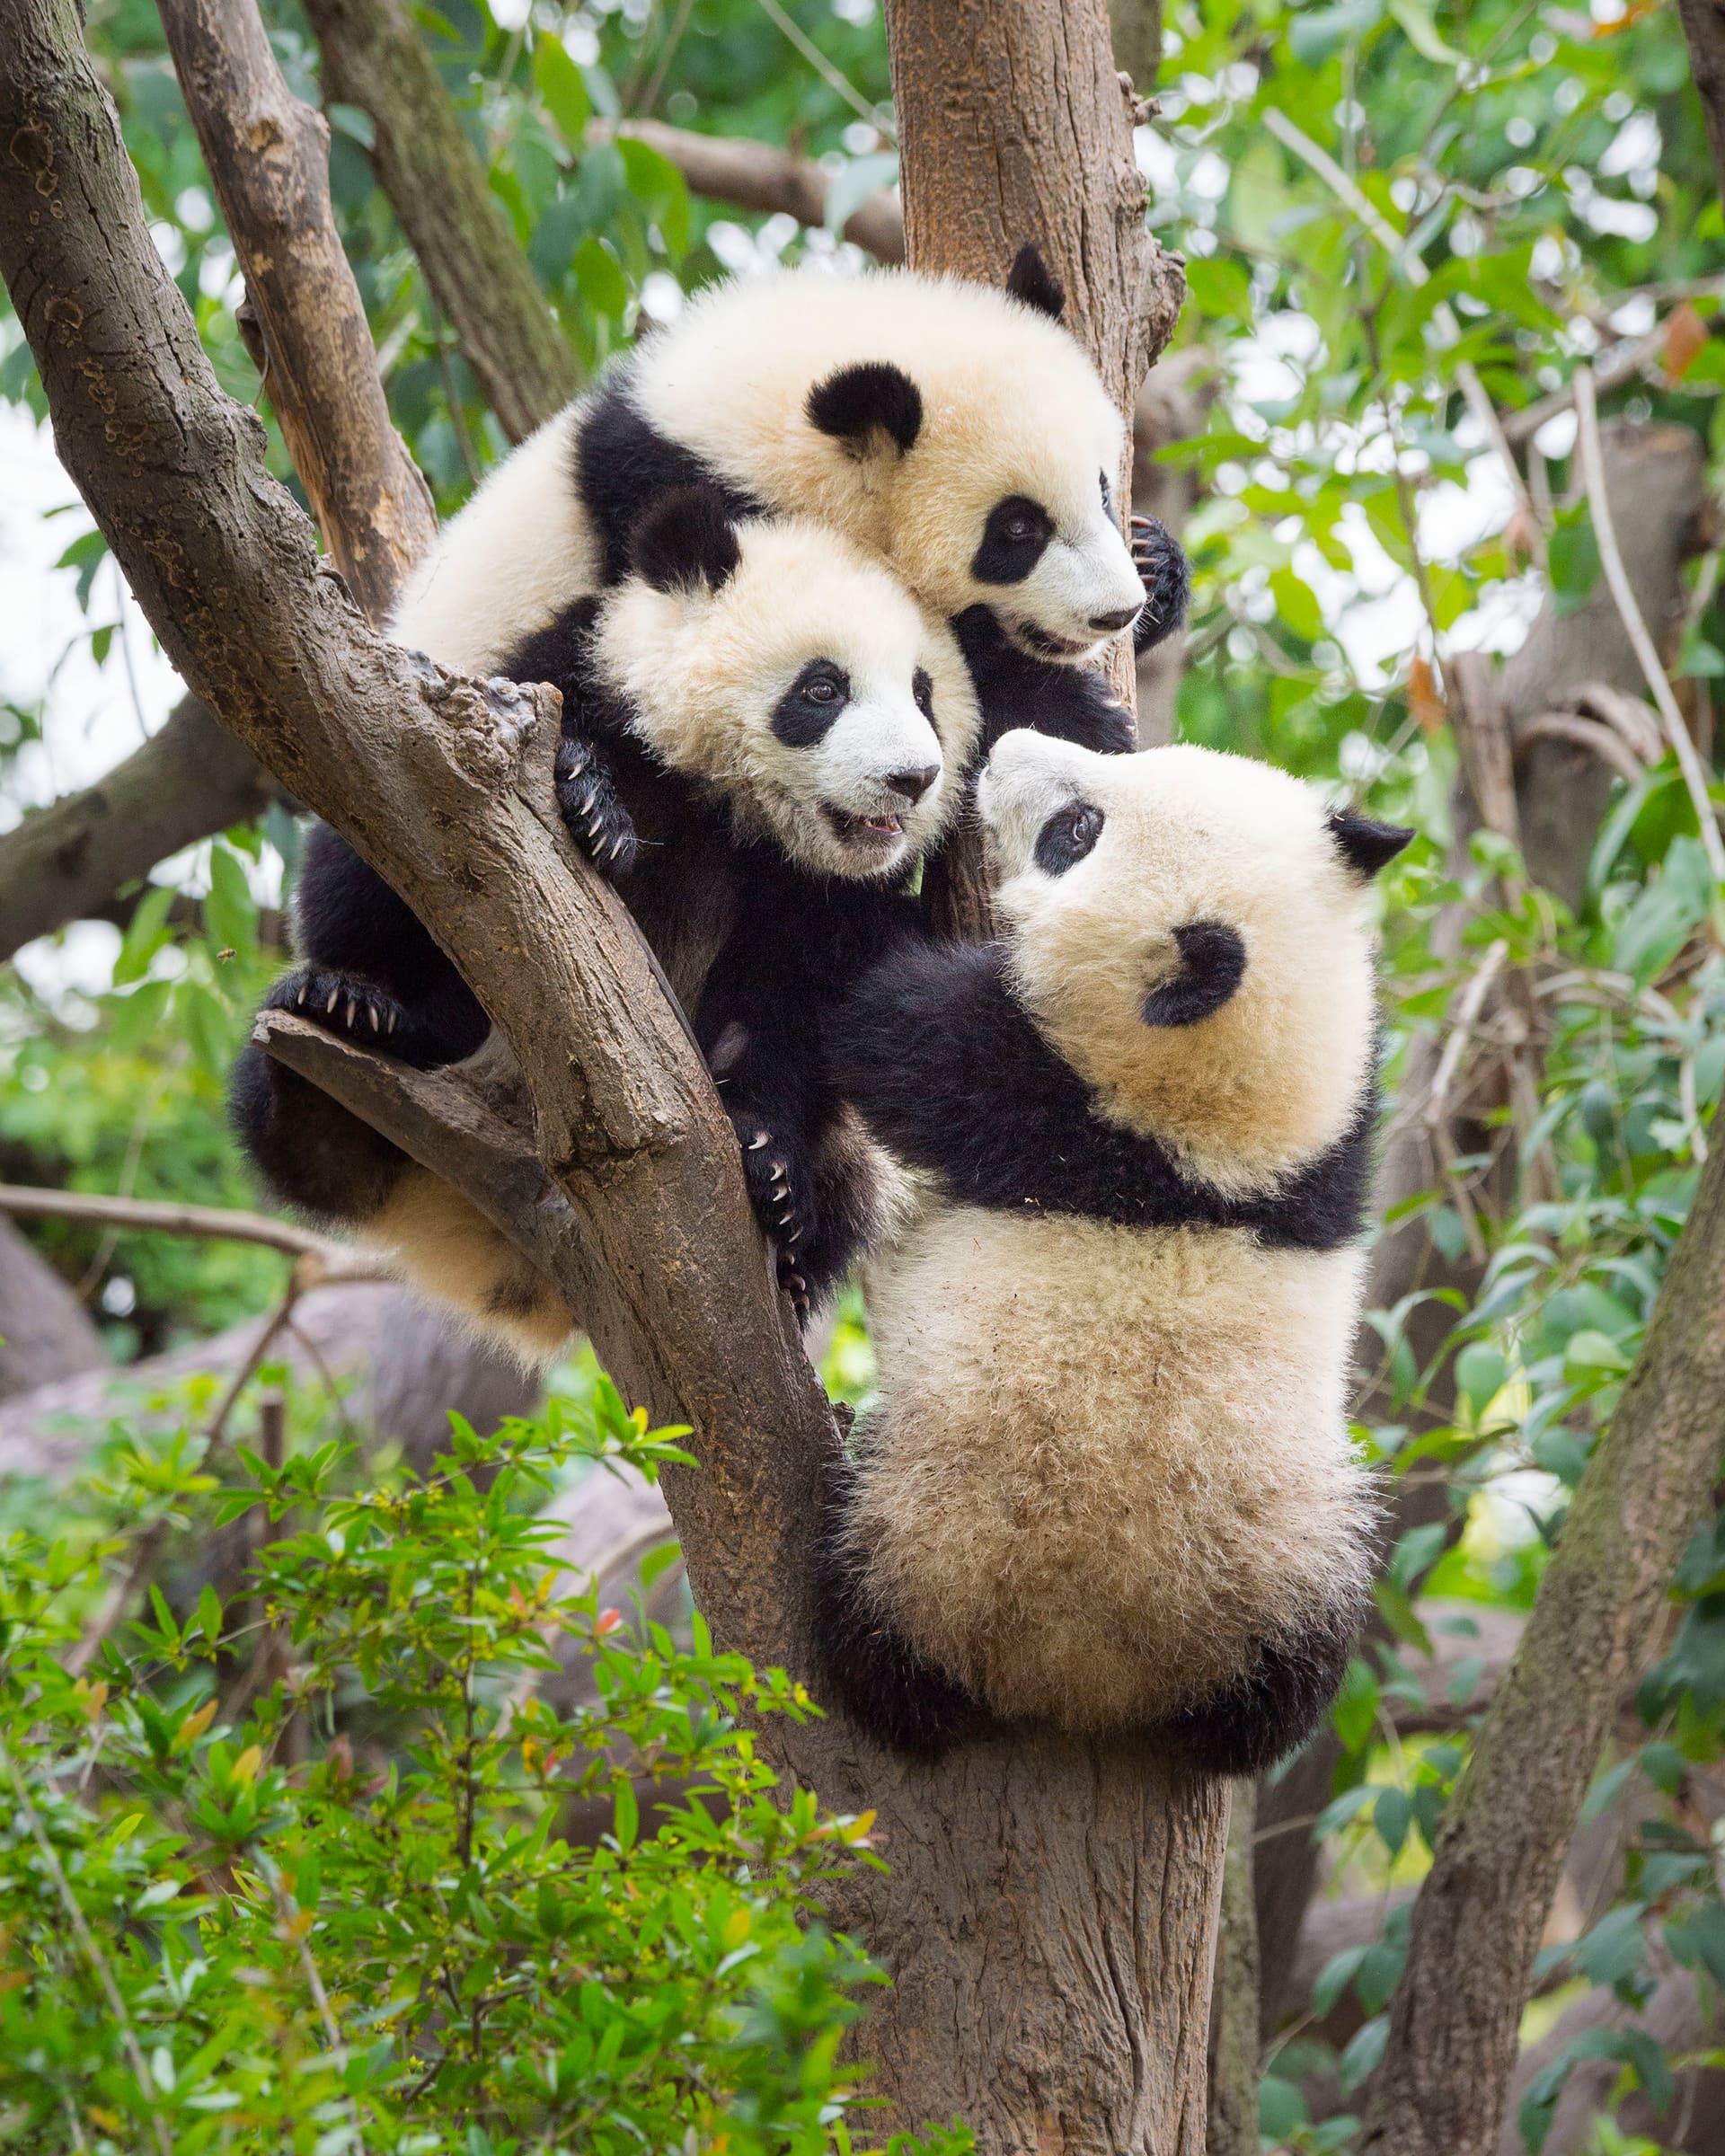 Drei junge Grosse Pandas auf einem Baum